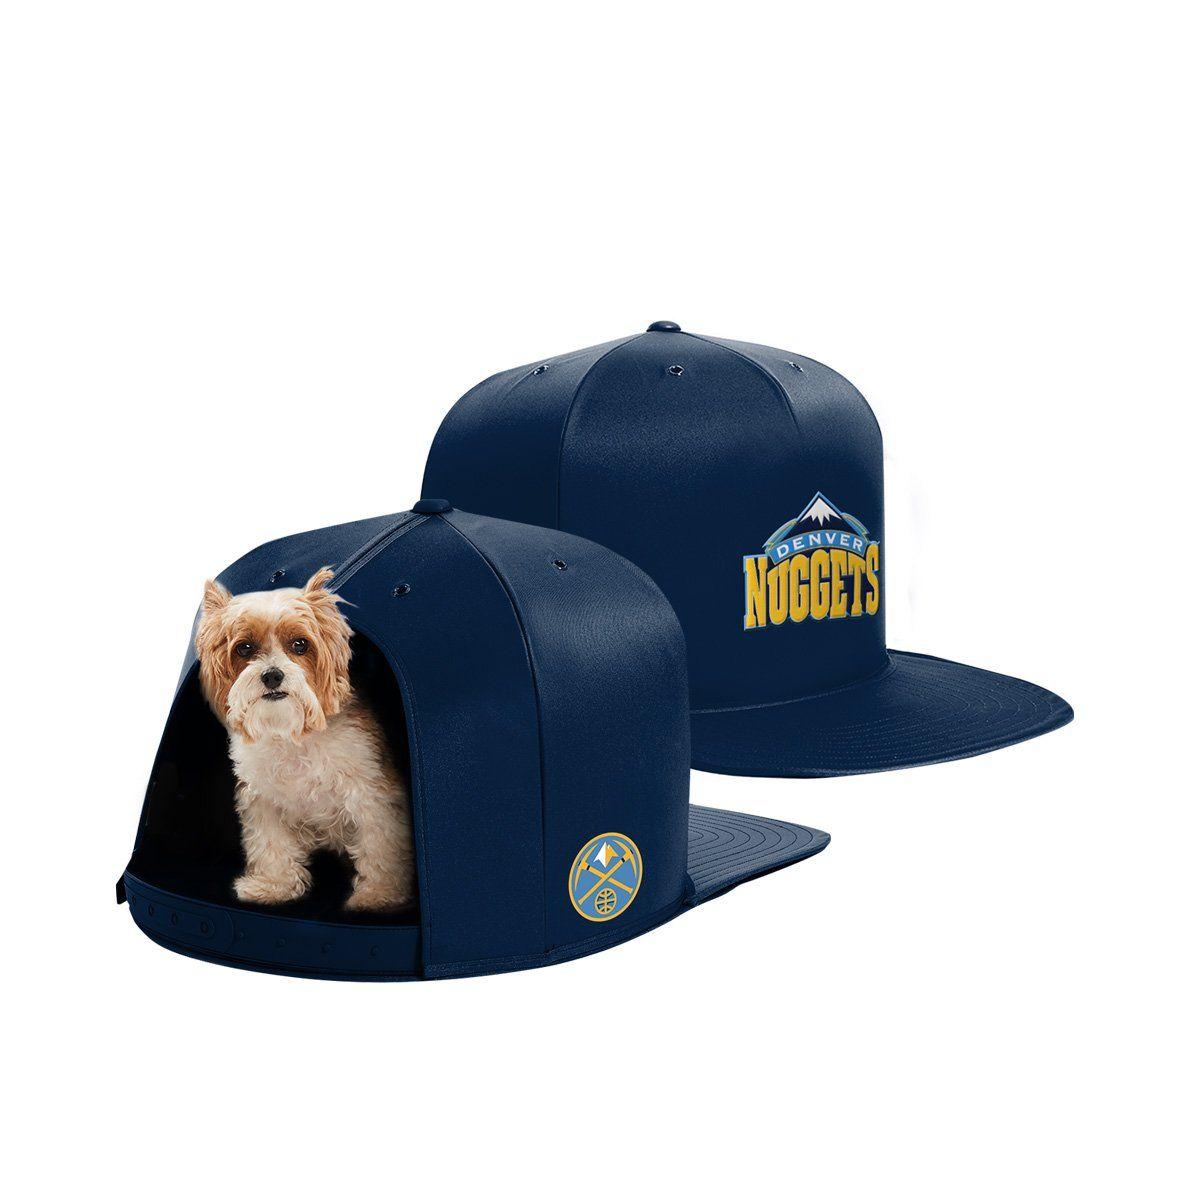 Denver Nuggets Pets, Dog house bed, Pet care